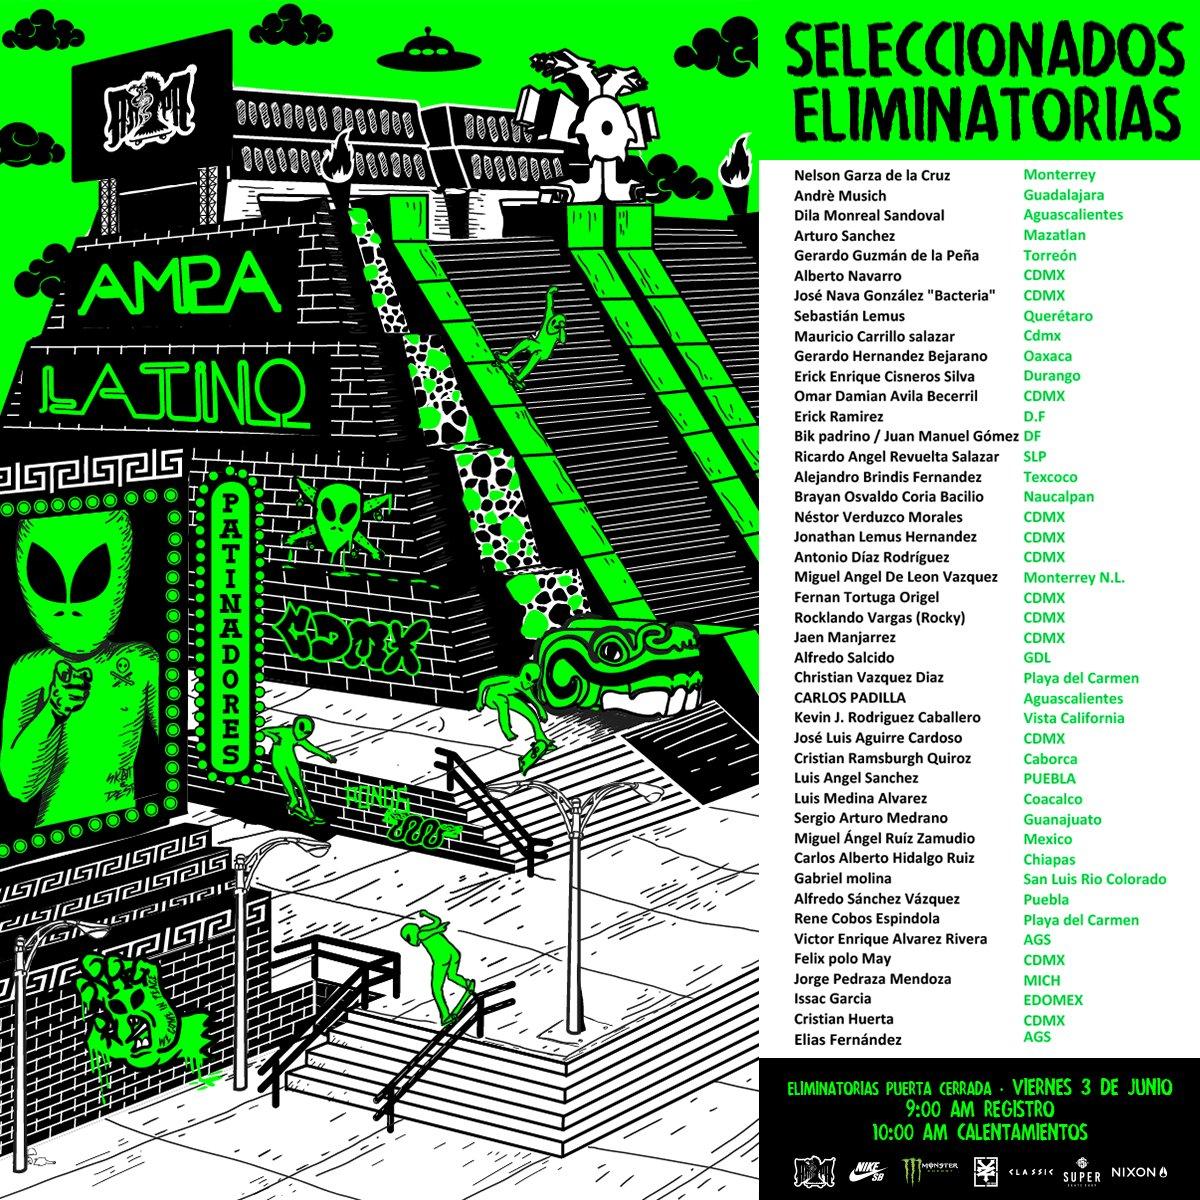 Estos son los seleccionados para las eliminatorias del #AmpaLatino @NikeSBMexico @classic_caps  @NixonMX @dropin_mx https://t.co/yGKFwgPLP1